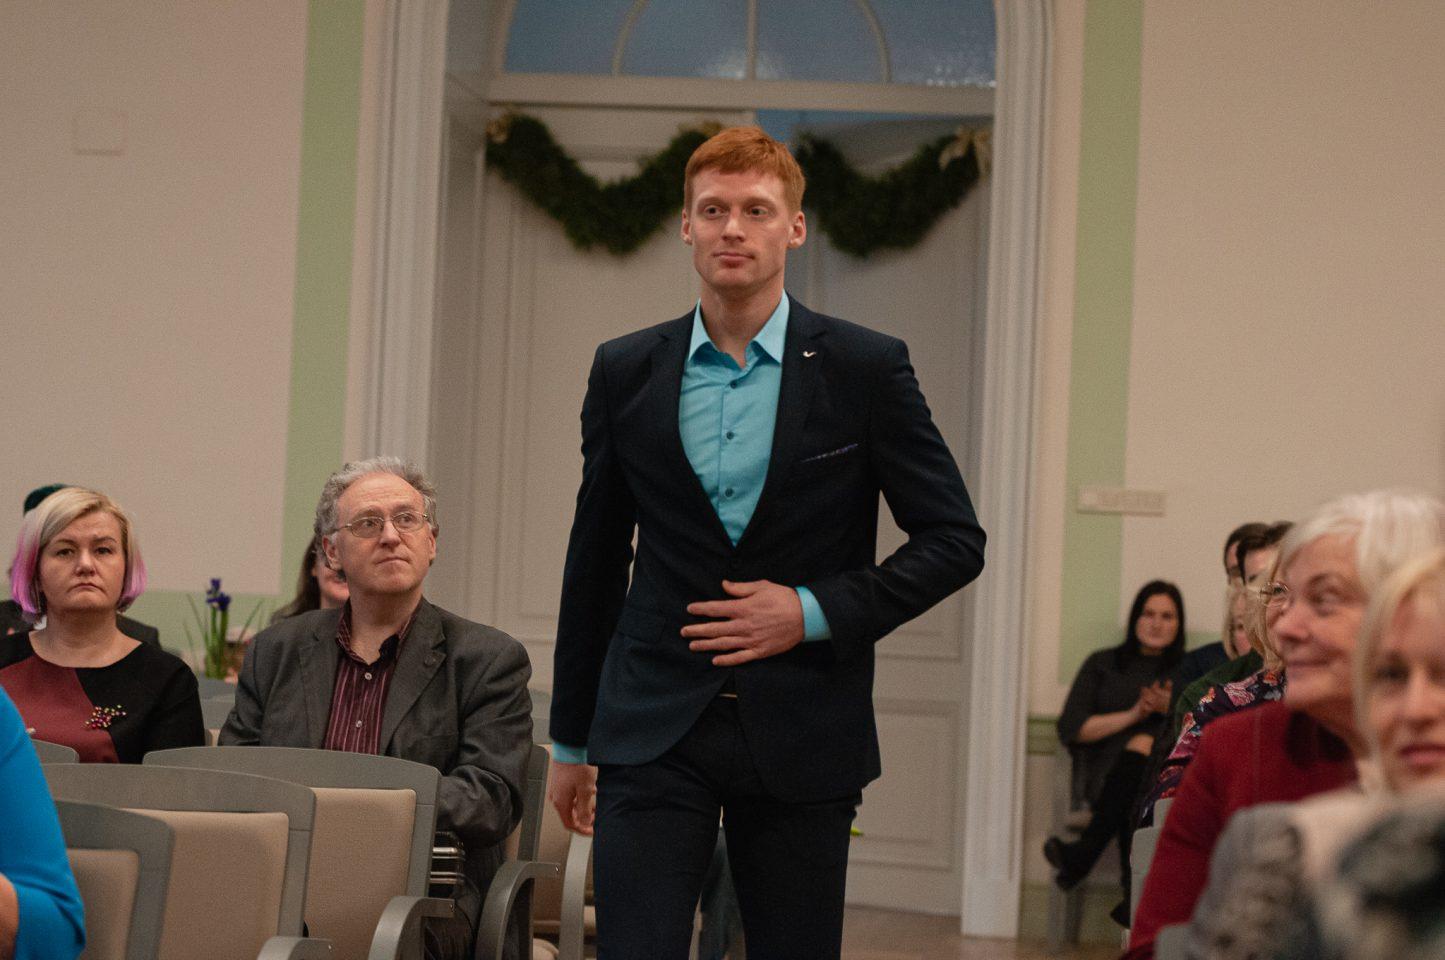 Jaunietis uzvalkā dodas caur krēslu rindu un apmeklētāji to novēro